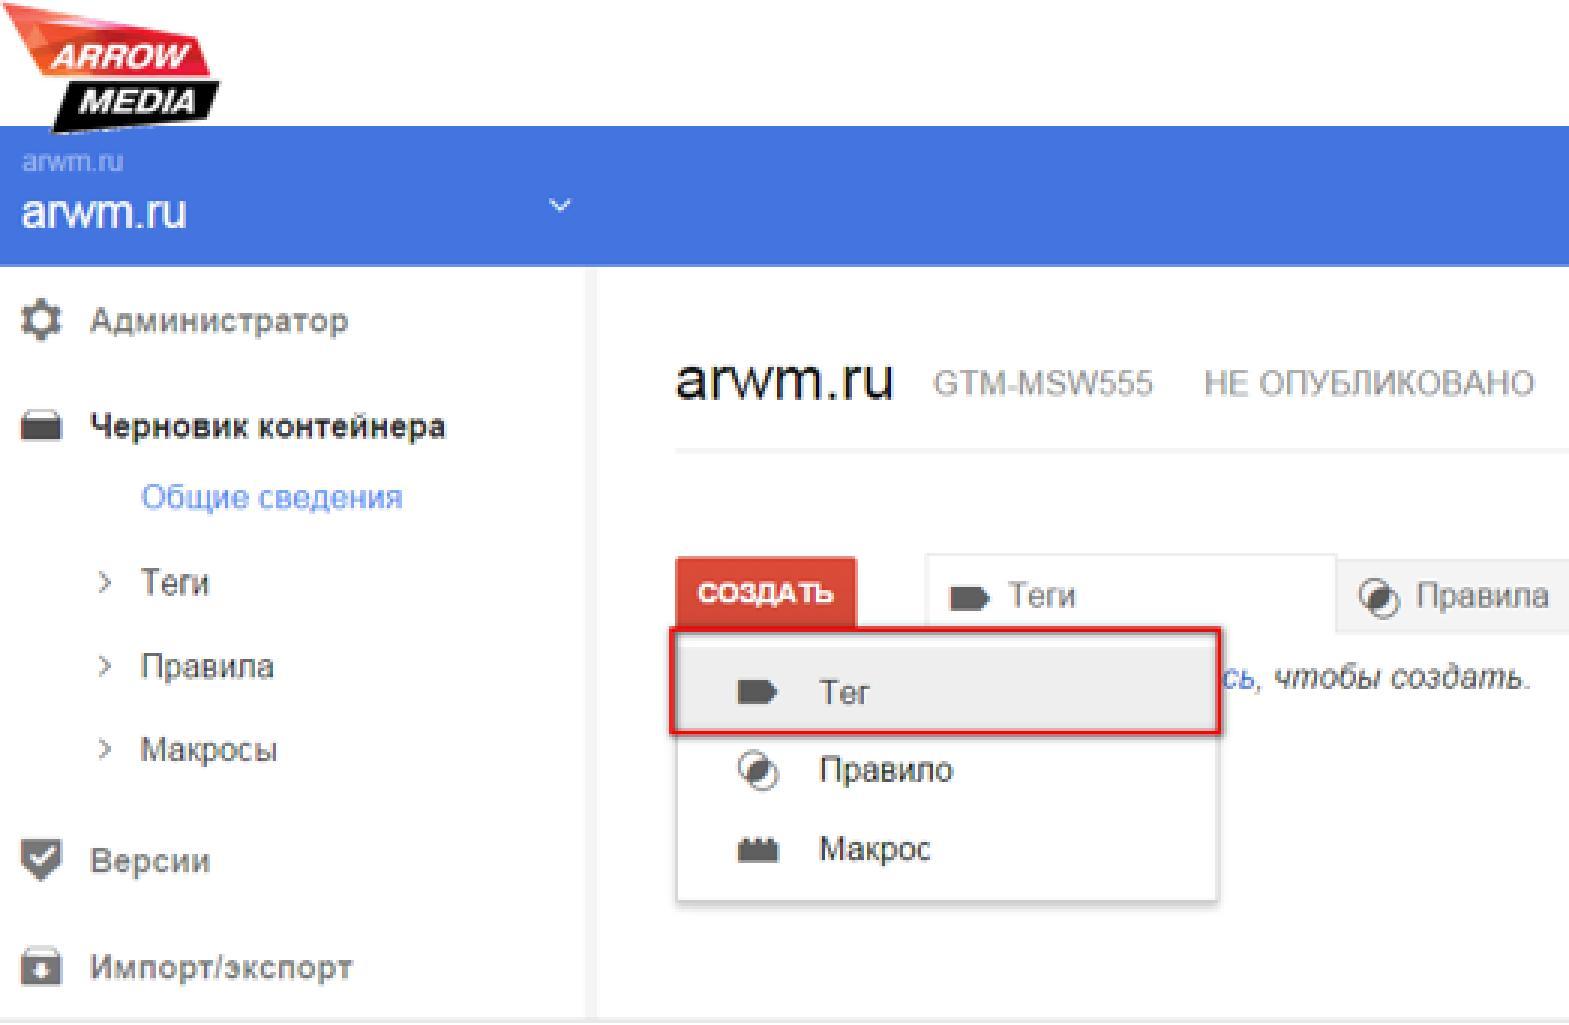 Конкурентоспособности турагентства реклама проработка собственного интернет сайта какой ф контекстная реклама бегун forum